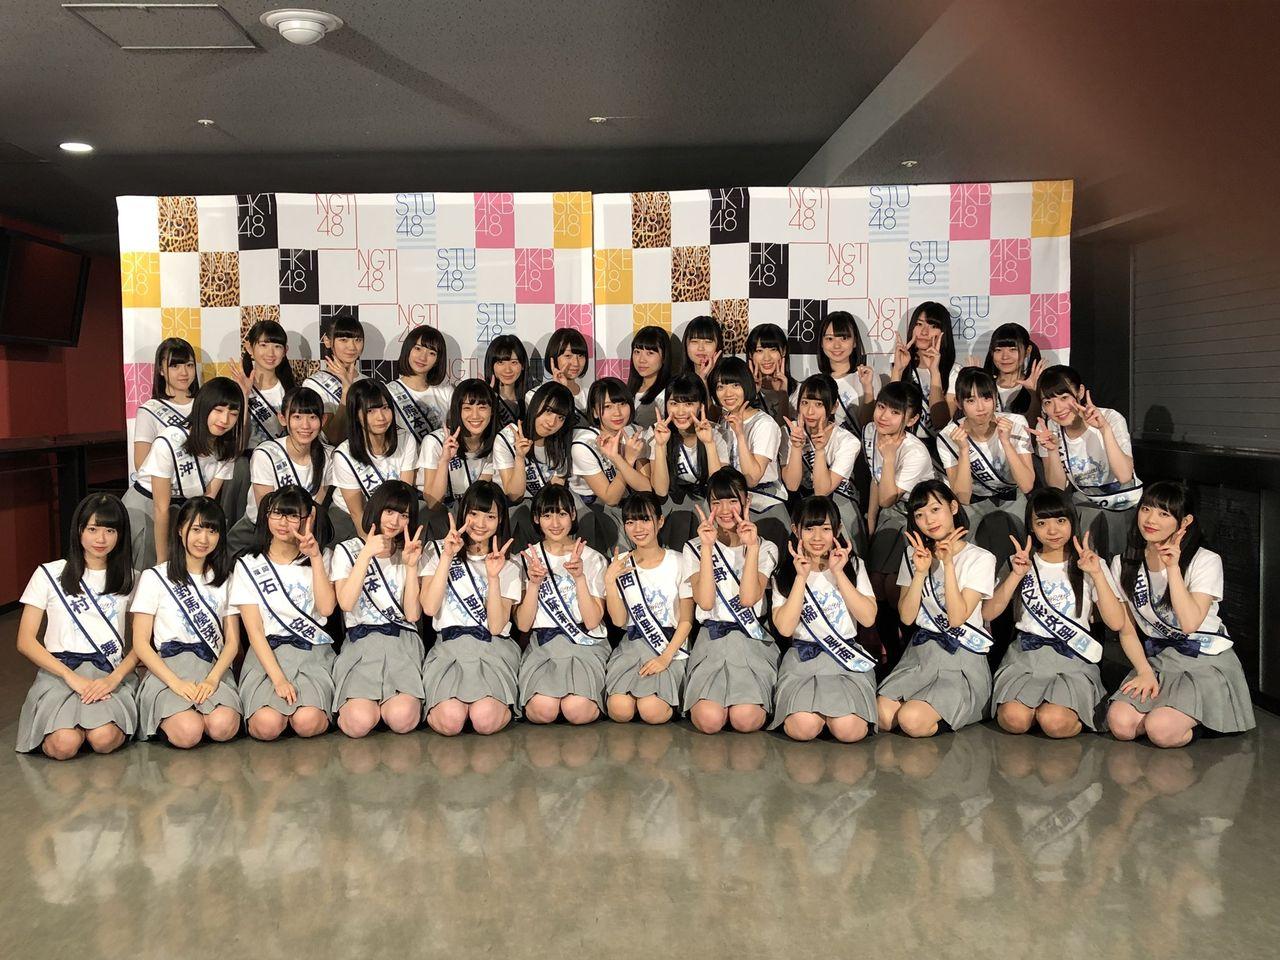 【第3回AKB48ドラフト会議】矢作萌夏、3チーム1位競合指名。須藤以来最多タイ